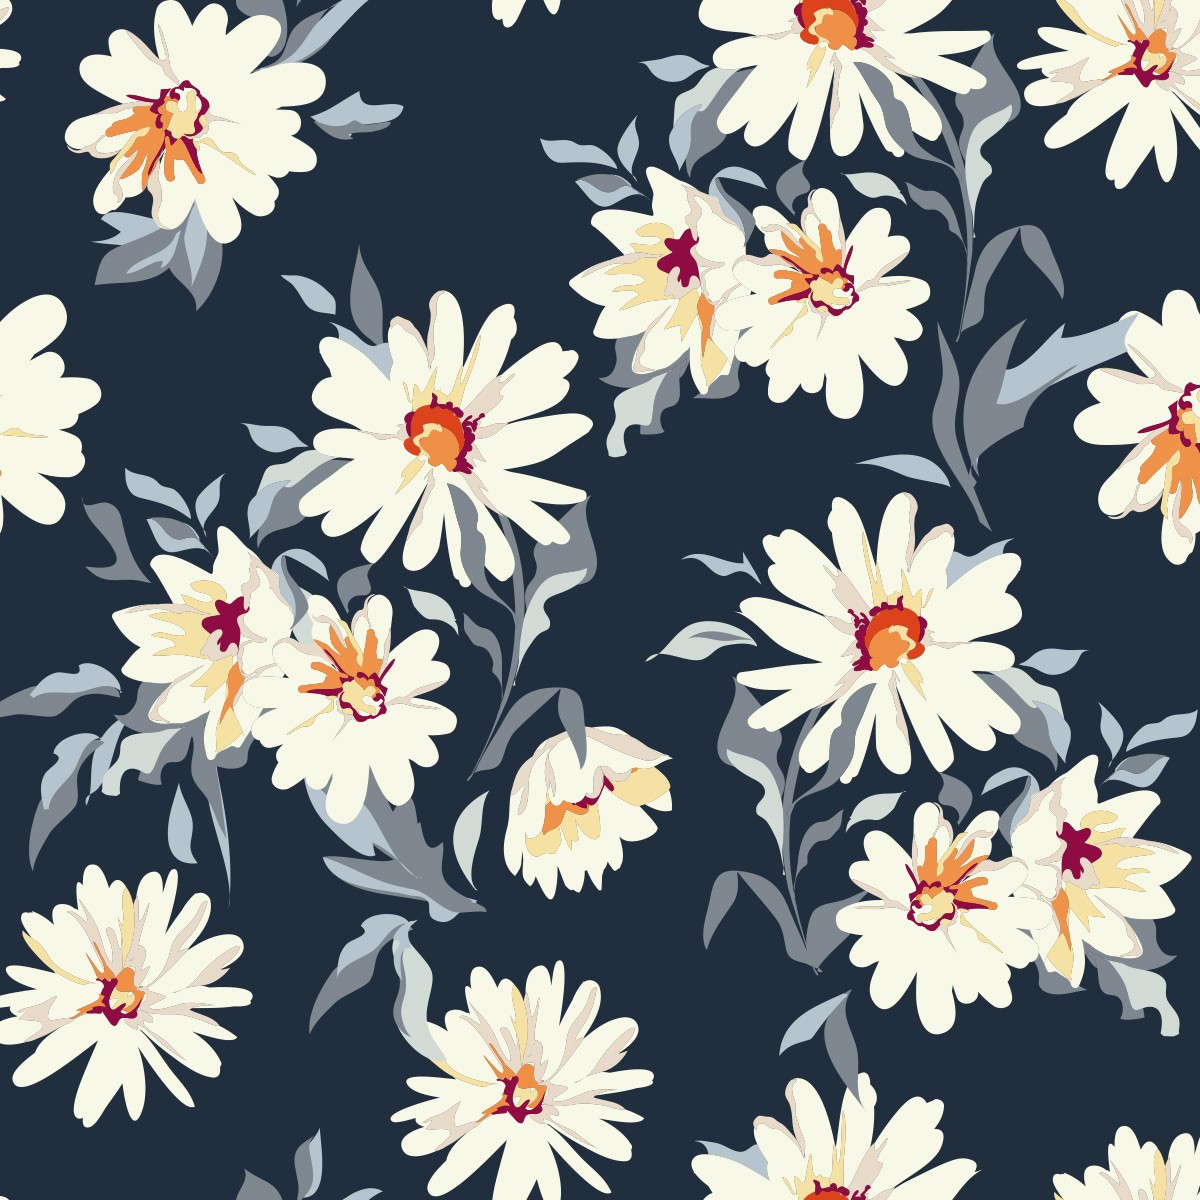 Papel de Parede Flores Petalas Galhos Folhas Glamour Adesivo